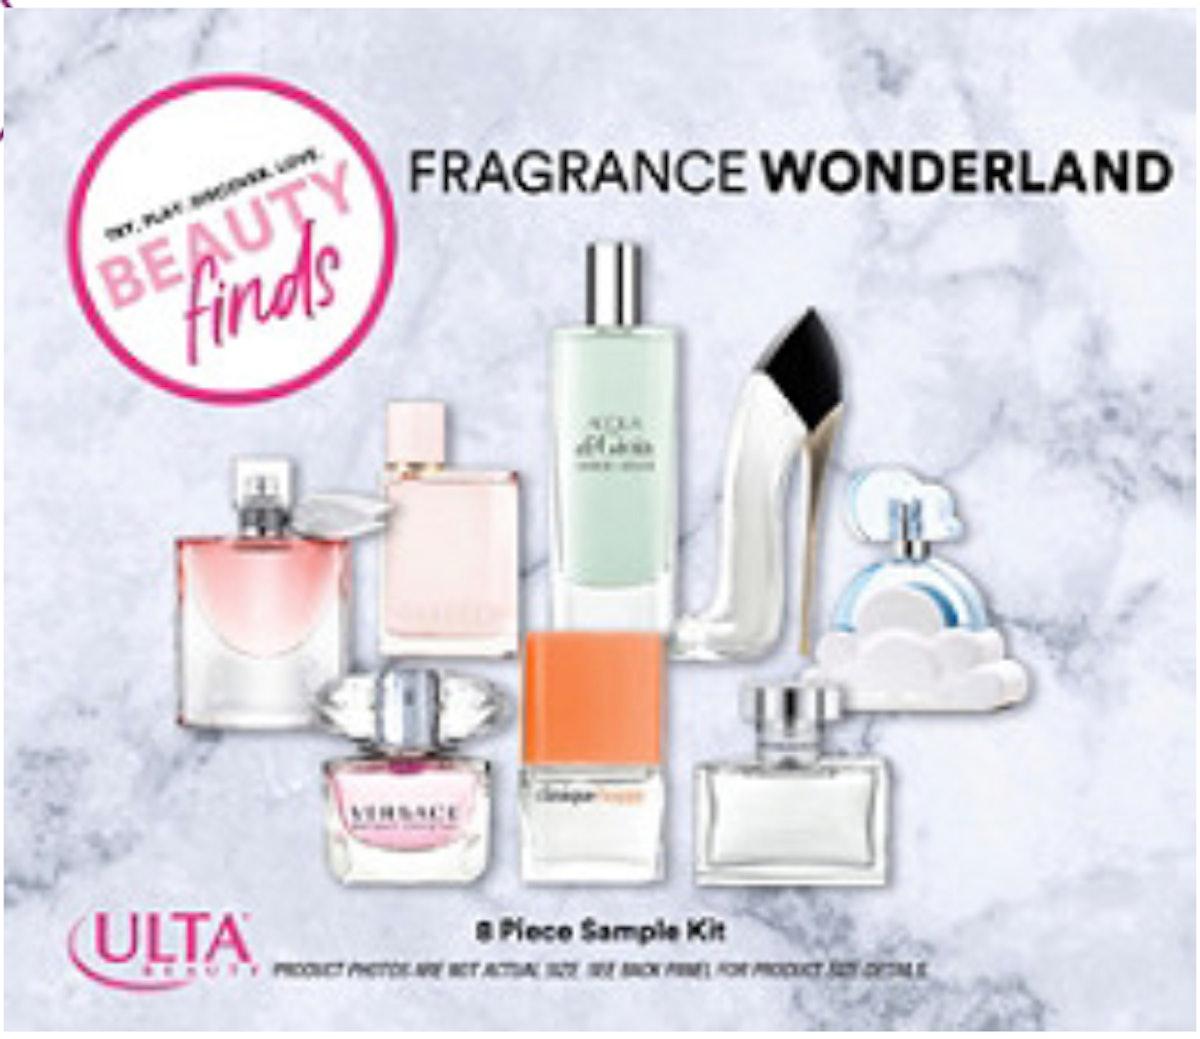 Beauty Finds by Ulta Beauty Fragrance Wonderland Sample Kit